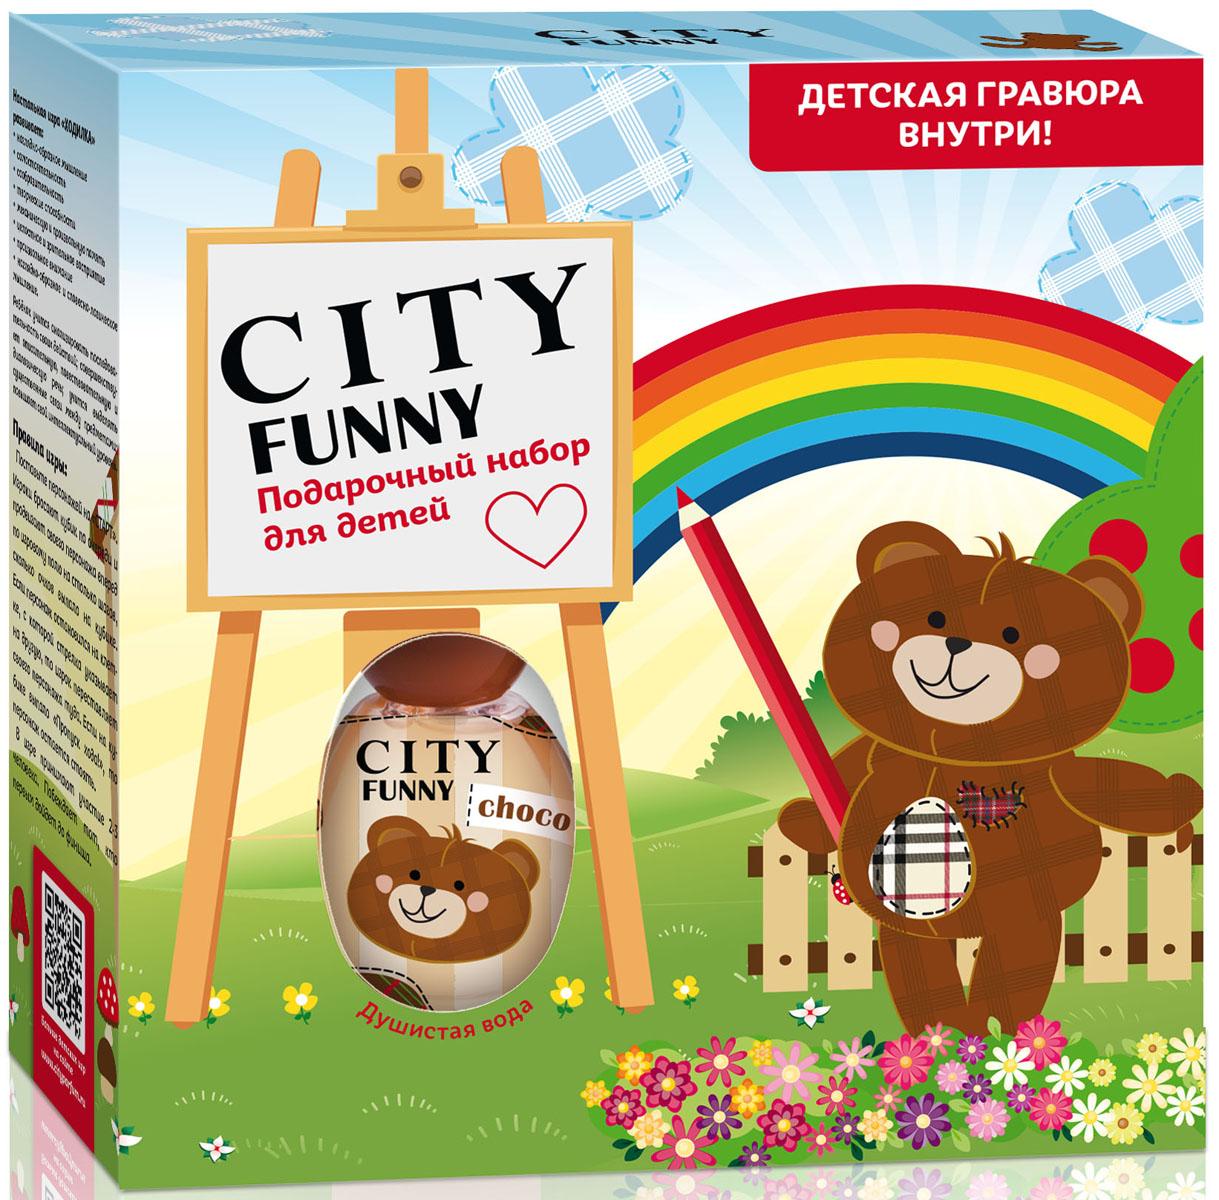 City Parfum Парфюмированный набор: City Funny Choco Душистая вода, 30 мл + гравюра2001011599В Подарочном наборе: Нежный City Funny Choco – это волшебное, аппетитное лакомство, шоколадный восторг, сотканный из игривых нот ванили, сахарной карамели и теплого молочного шоколада + гравюра